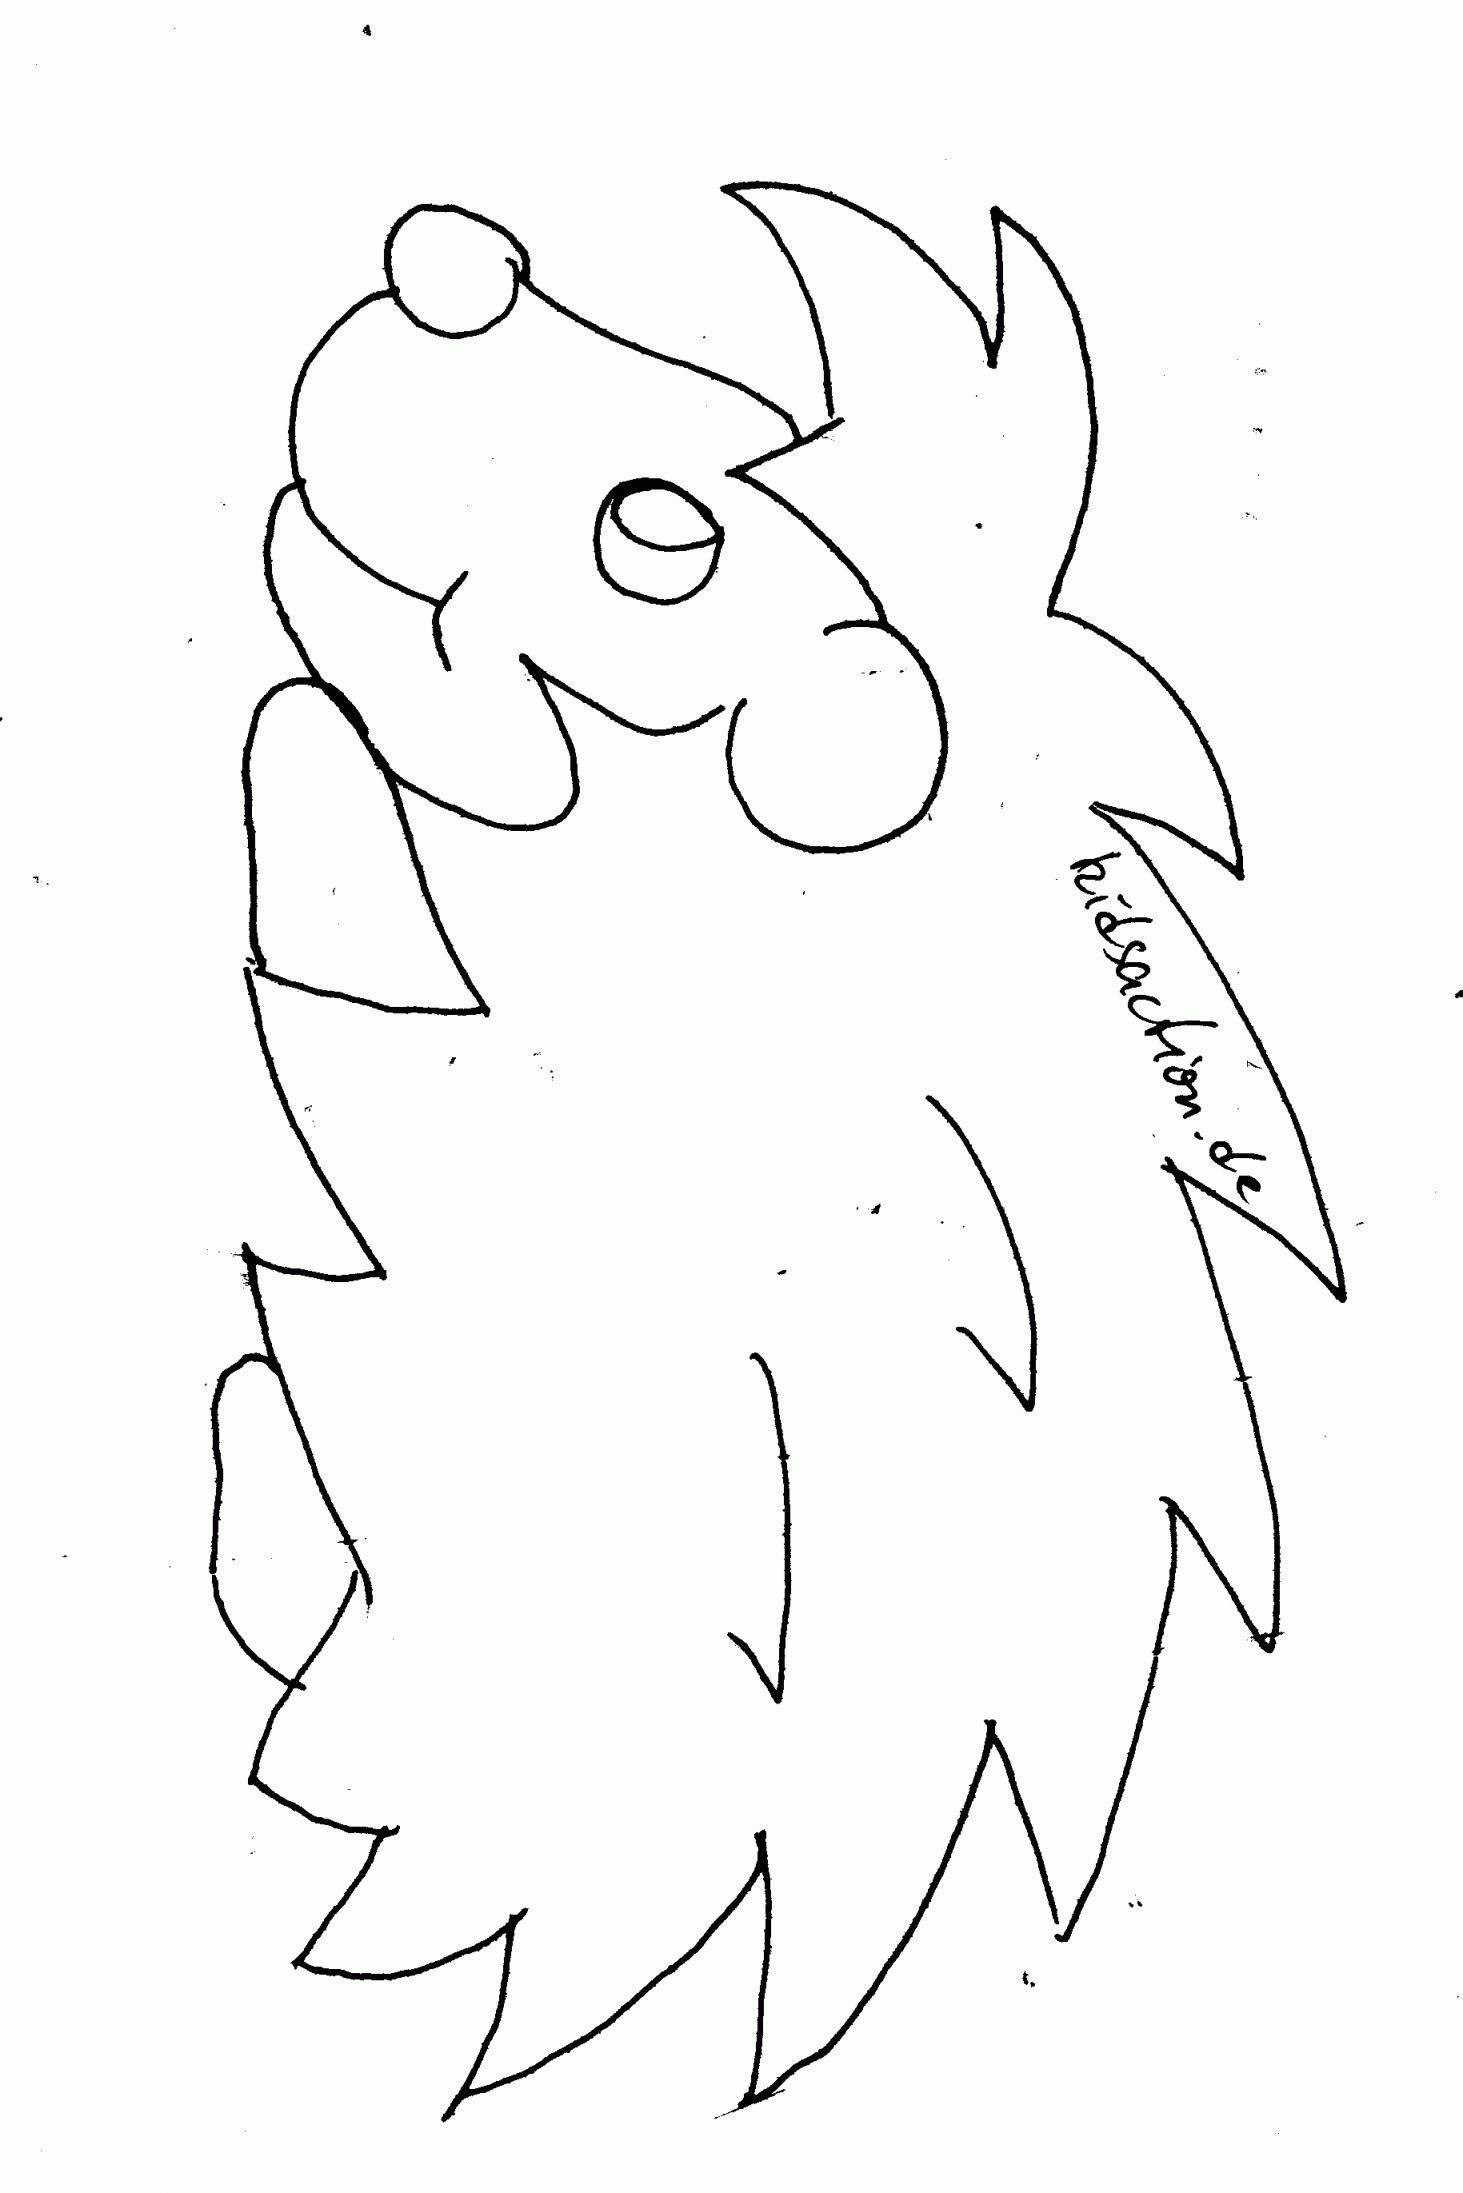 Ausmalbilder Little Pony Neu Malvorlagen Igel Elegant Igel Grundschule 0d Archives Uploadertalk Bild